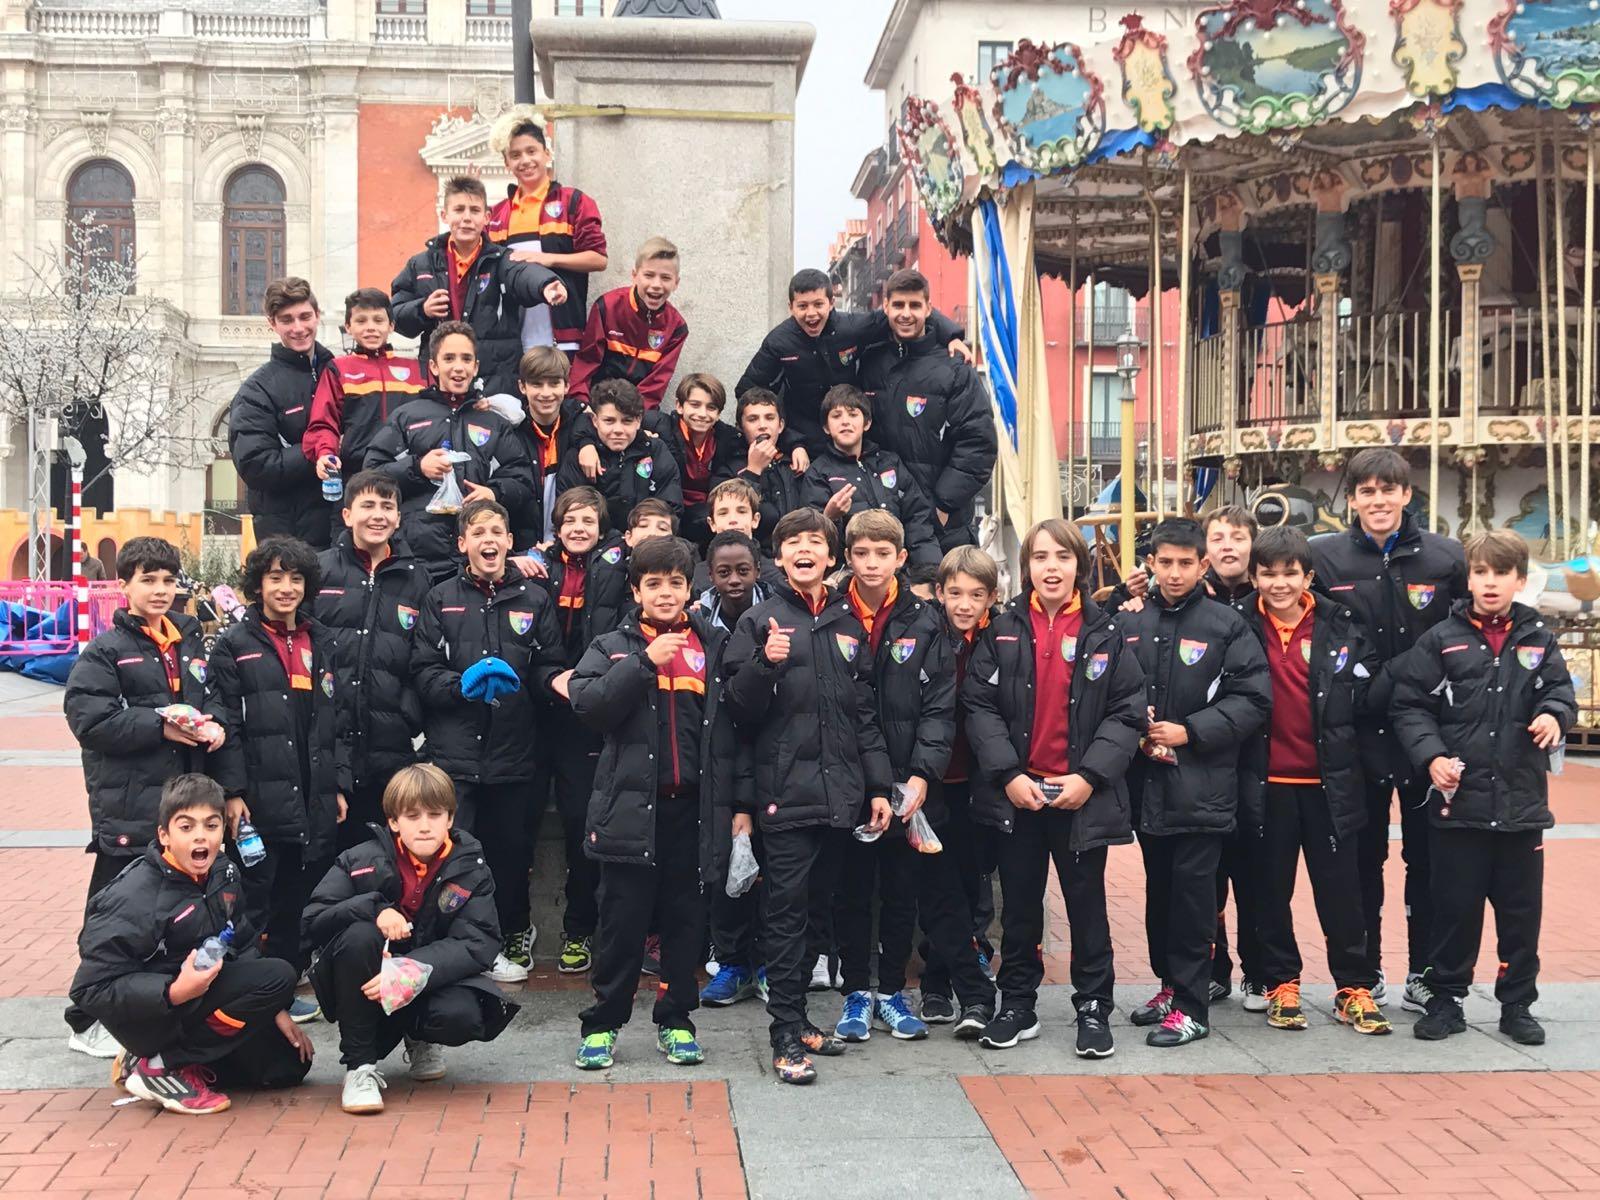 Fotos de la visita de Alevín A e Infantil C a Valladolid